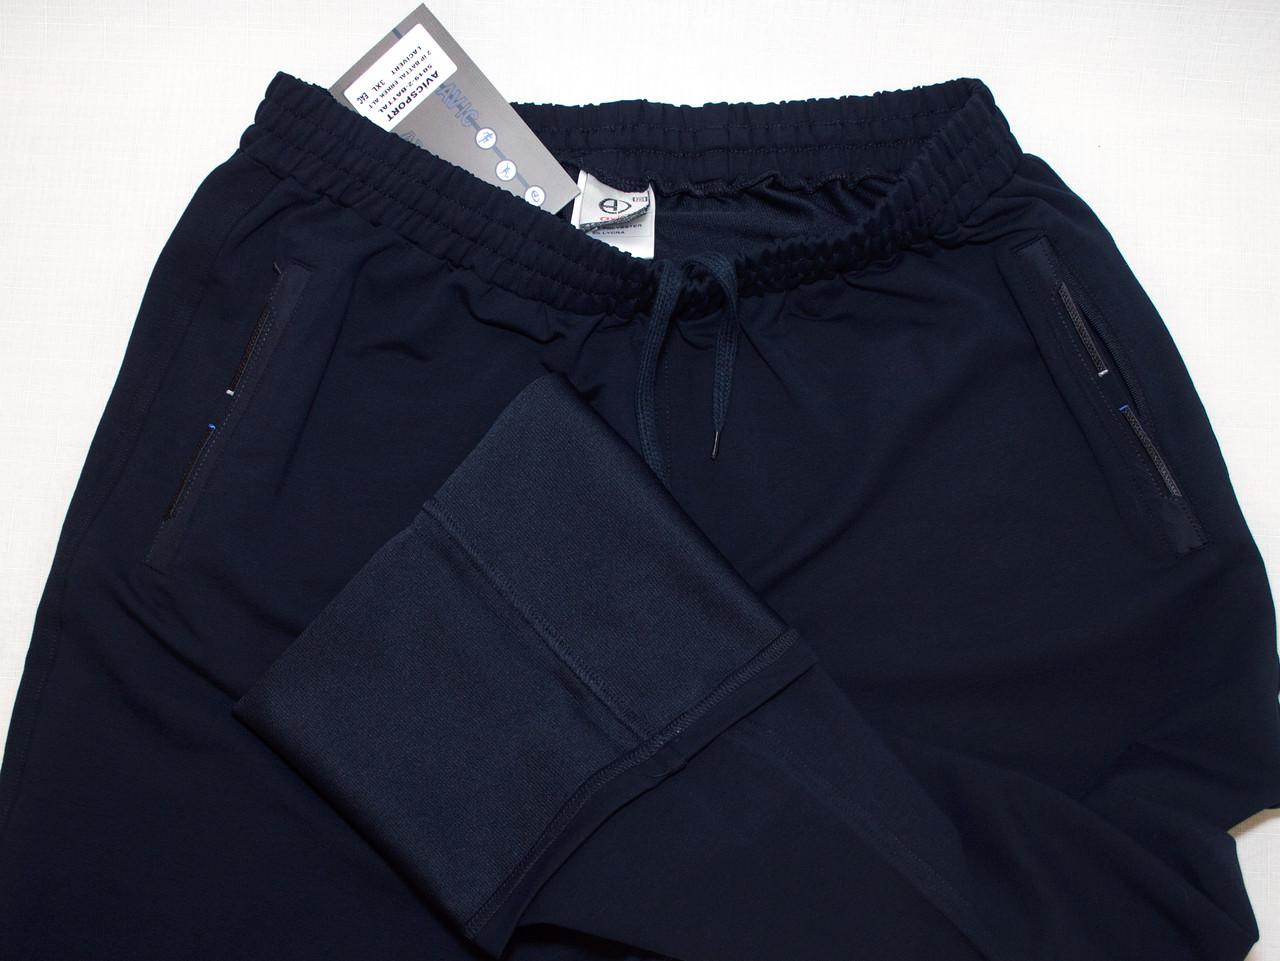 Спортивные штаны мужские больших размеров AVIC (3XL-6XL)